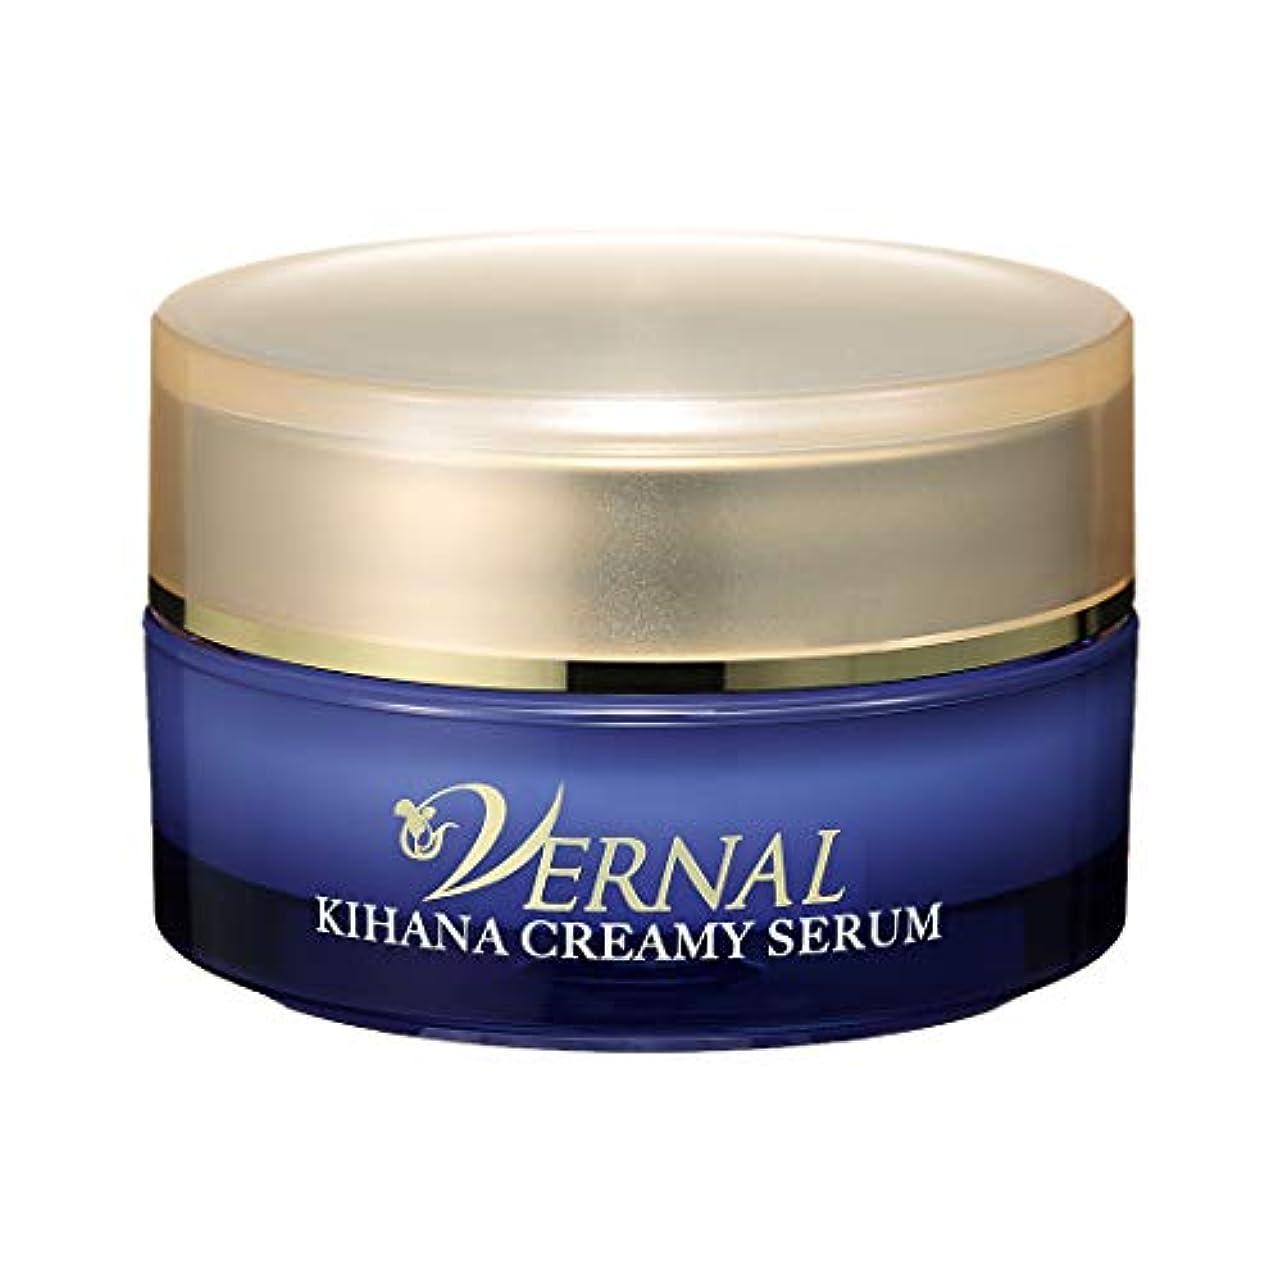 テクスチャープロフィール輸血キハナクリーミーセラム 30g/ヴァーナル 美容液 美容クリーム